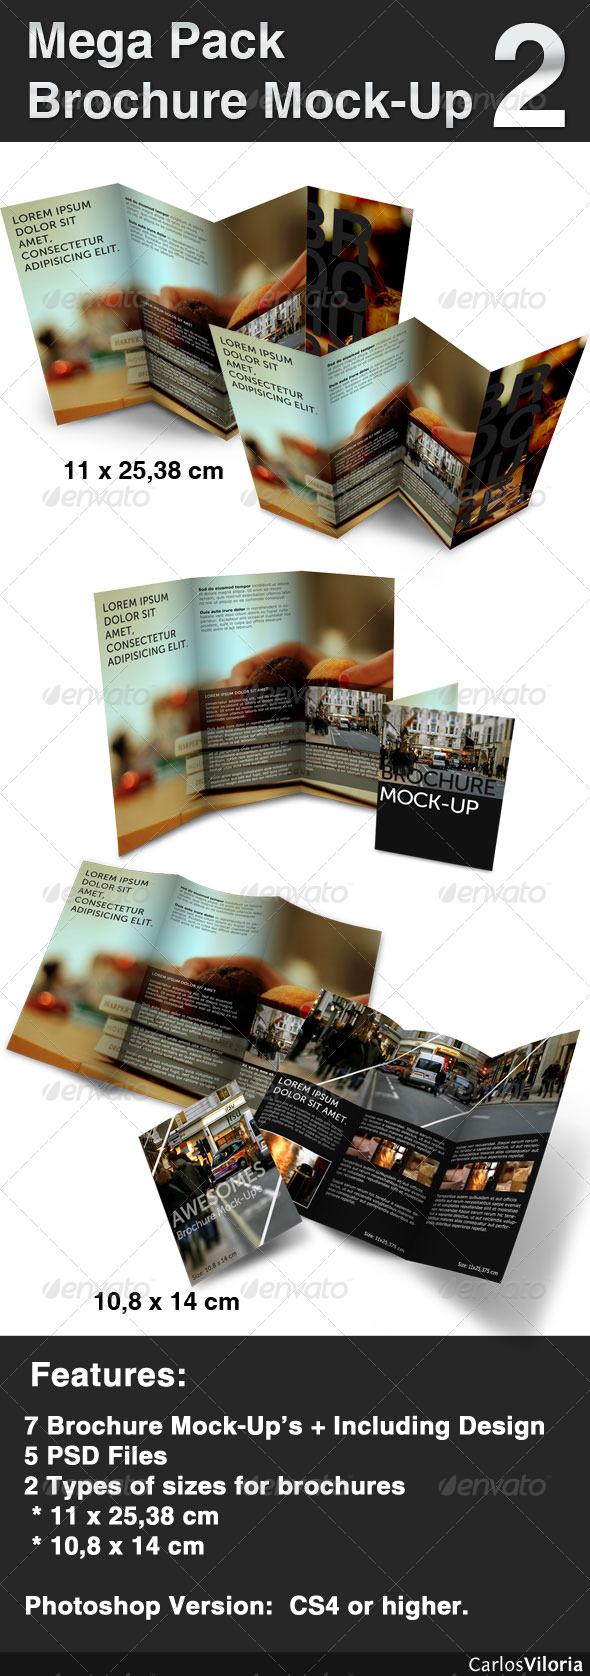 GraphicRiver Mega pack Brochure Mock-Up 2 103275